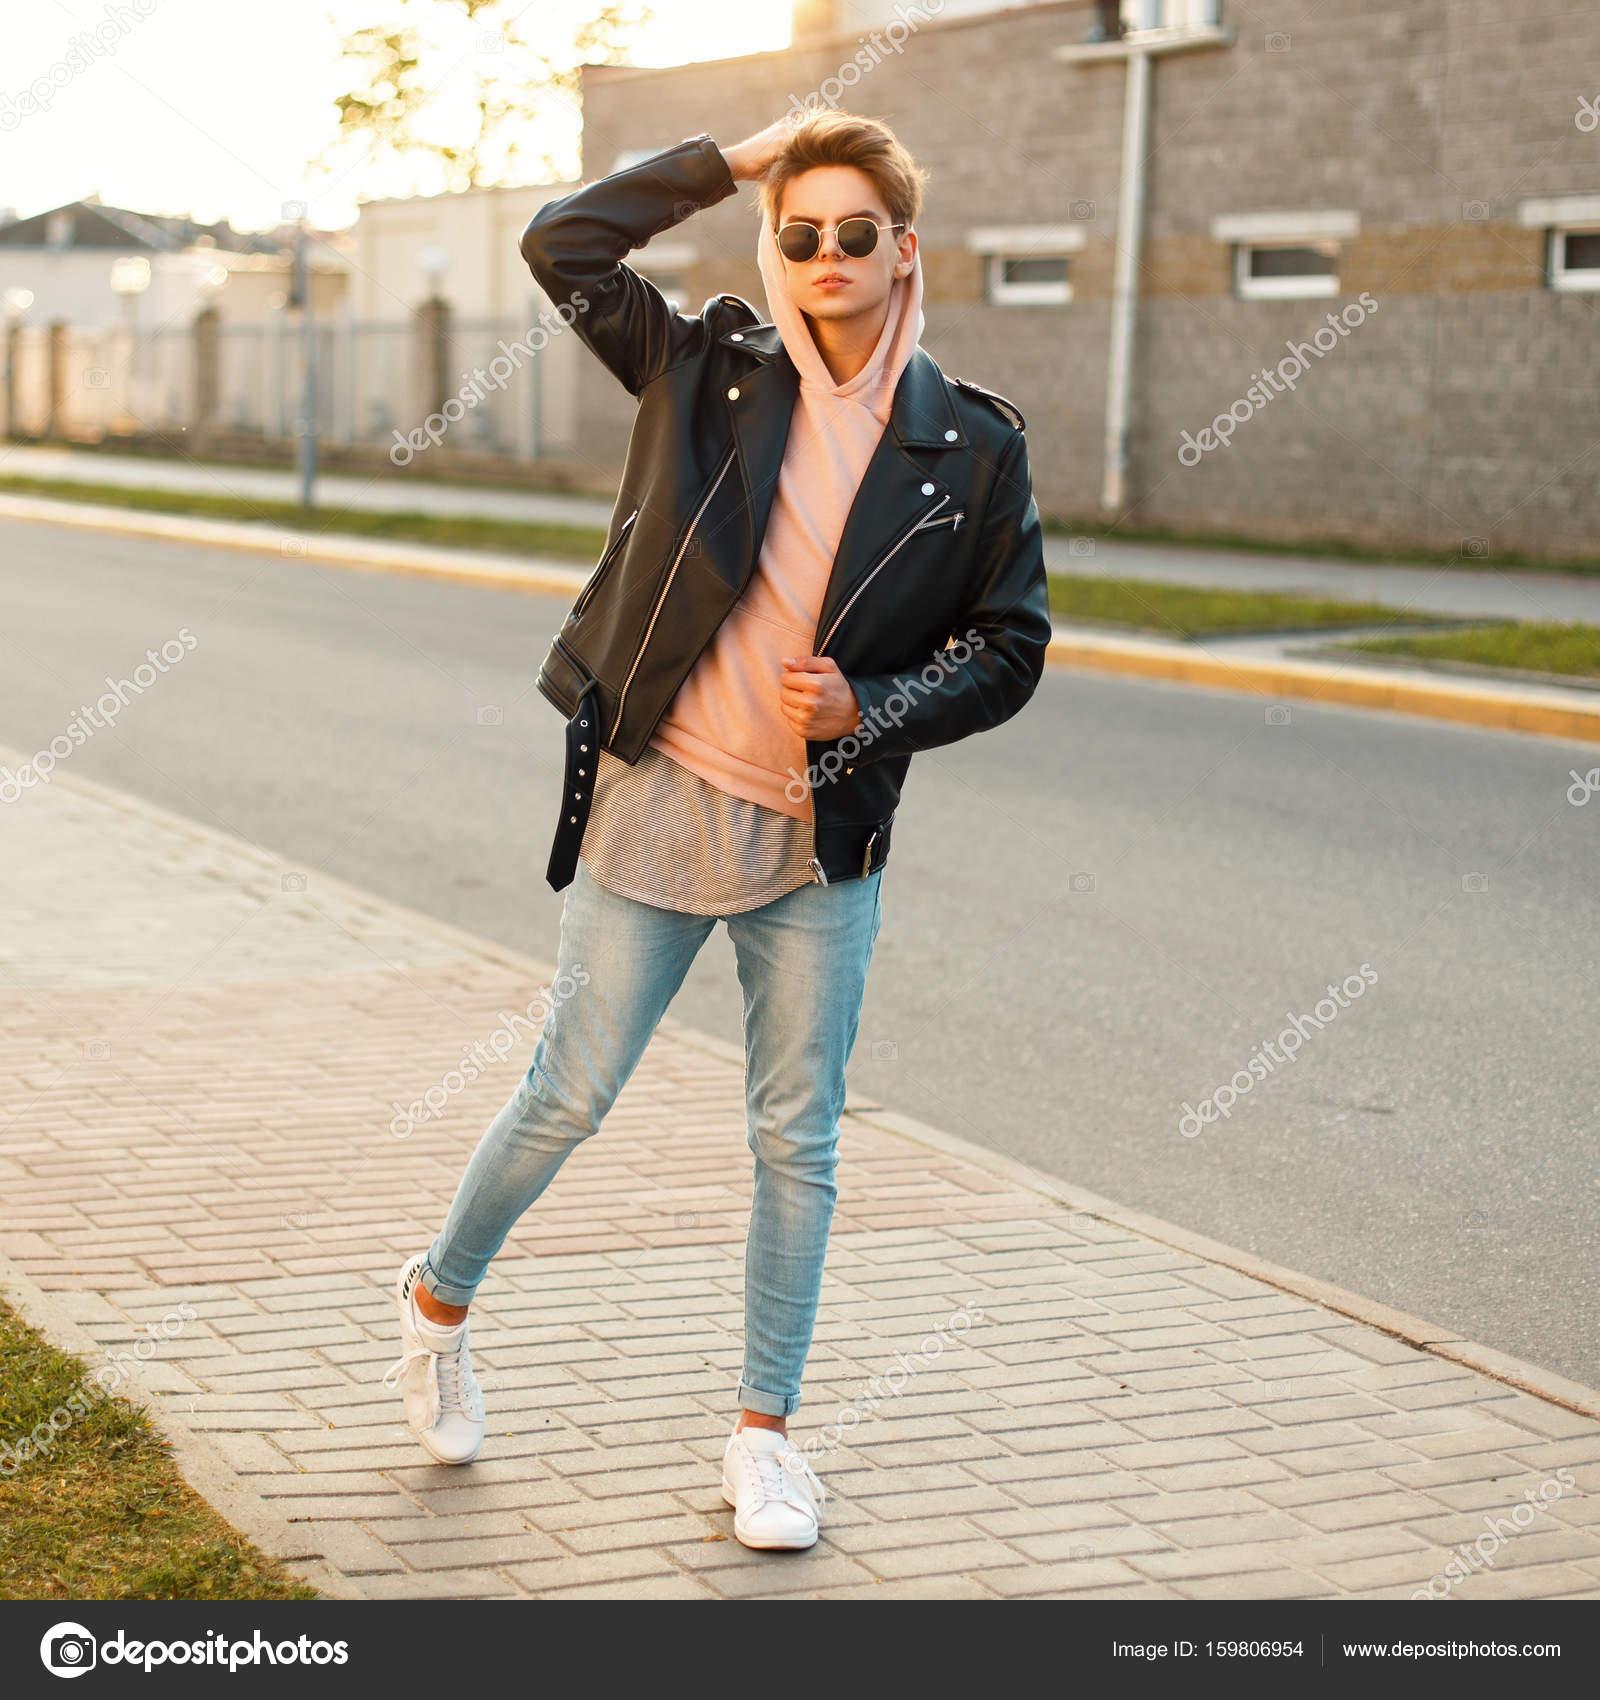 profesional de venta caliente detalles para profesional de venta caliente Chico guapo en una chaqueta de cuero, jeans y zapatos ...